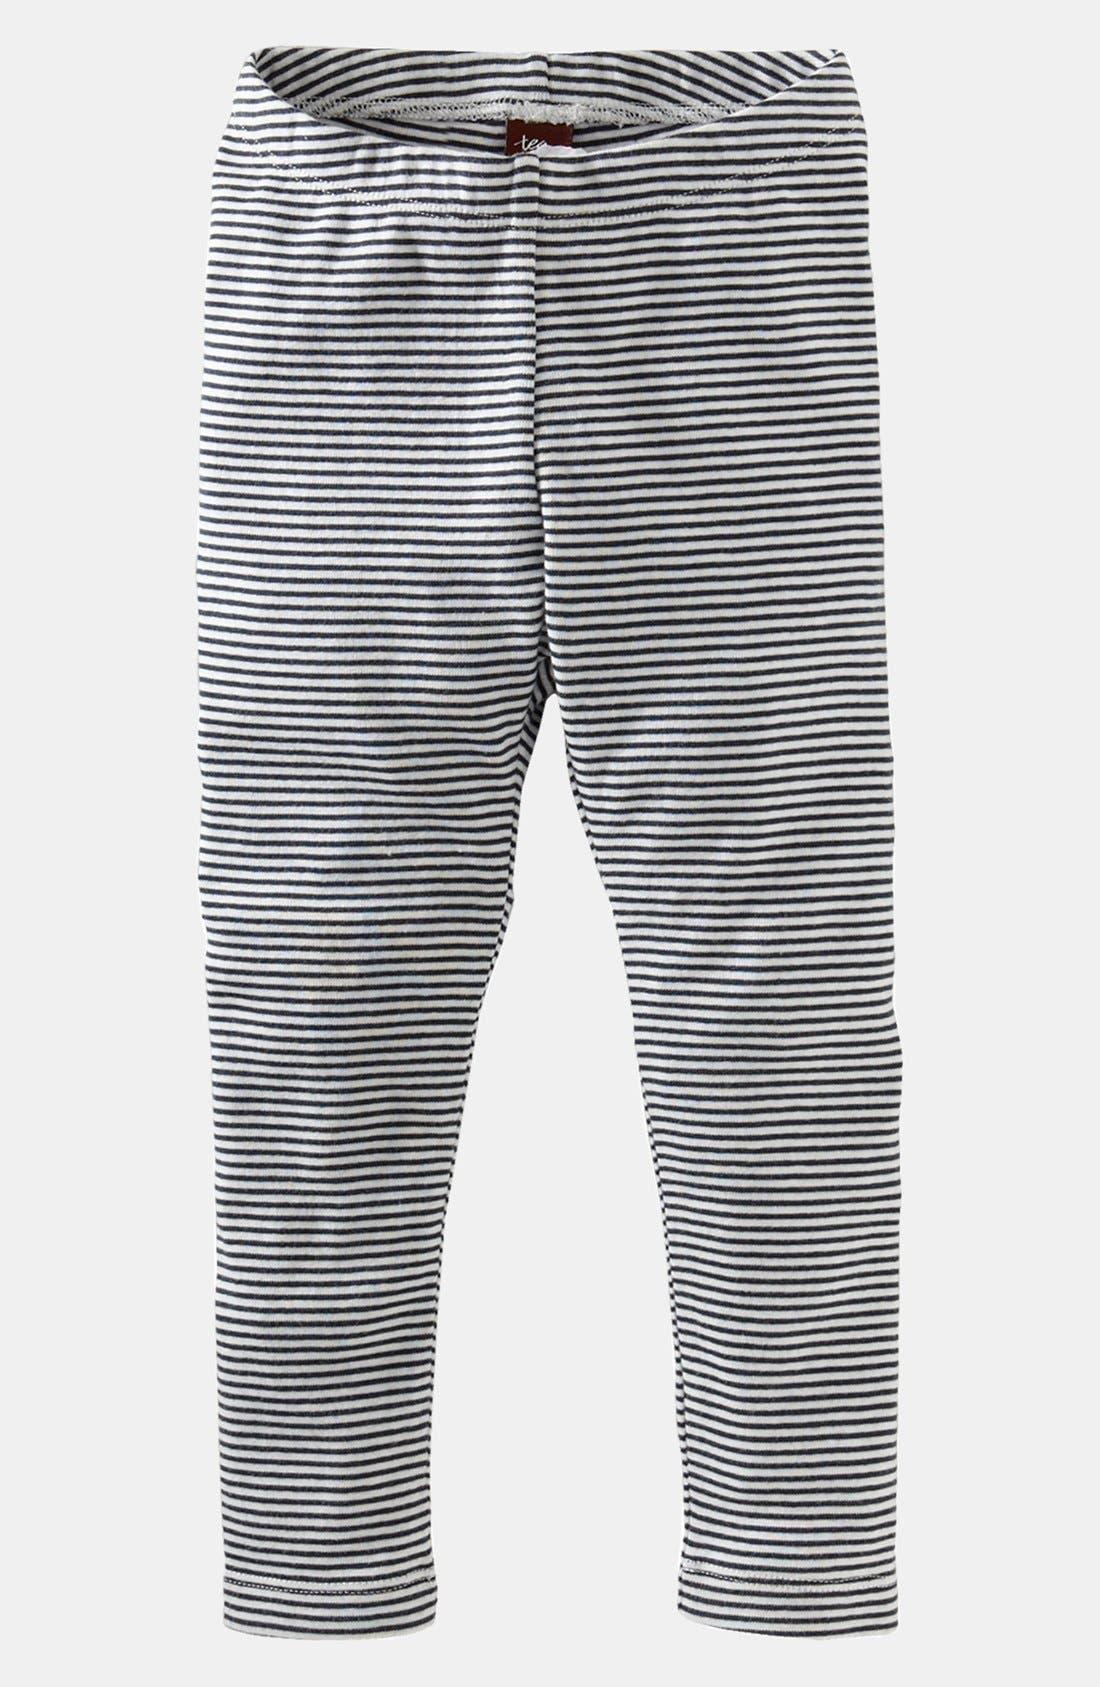 Main Image - Tea Collection Stripe Leggings (Toddler Girls)